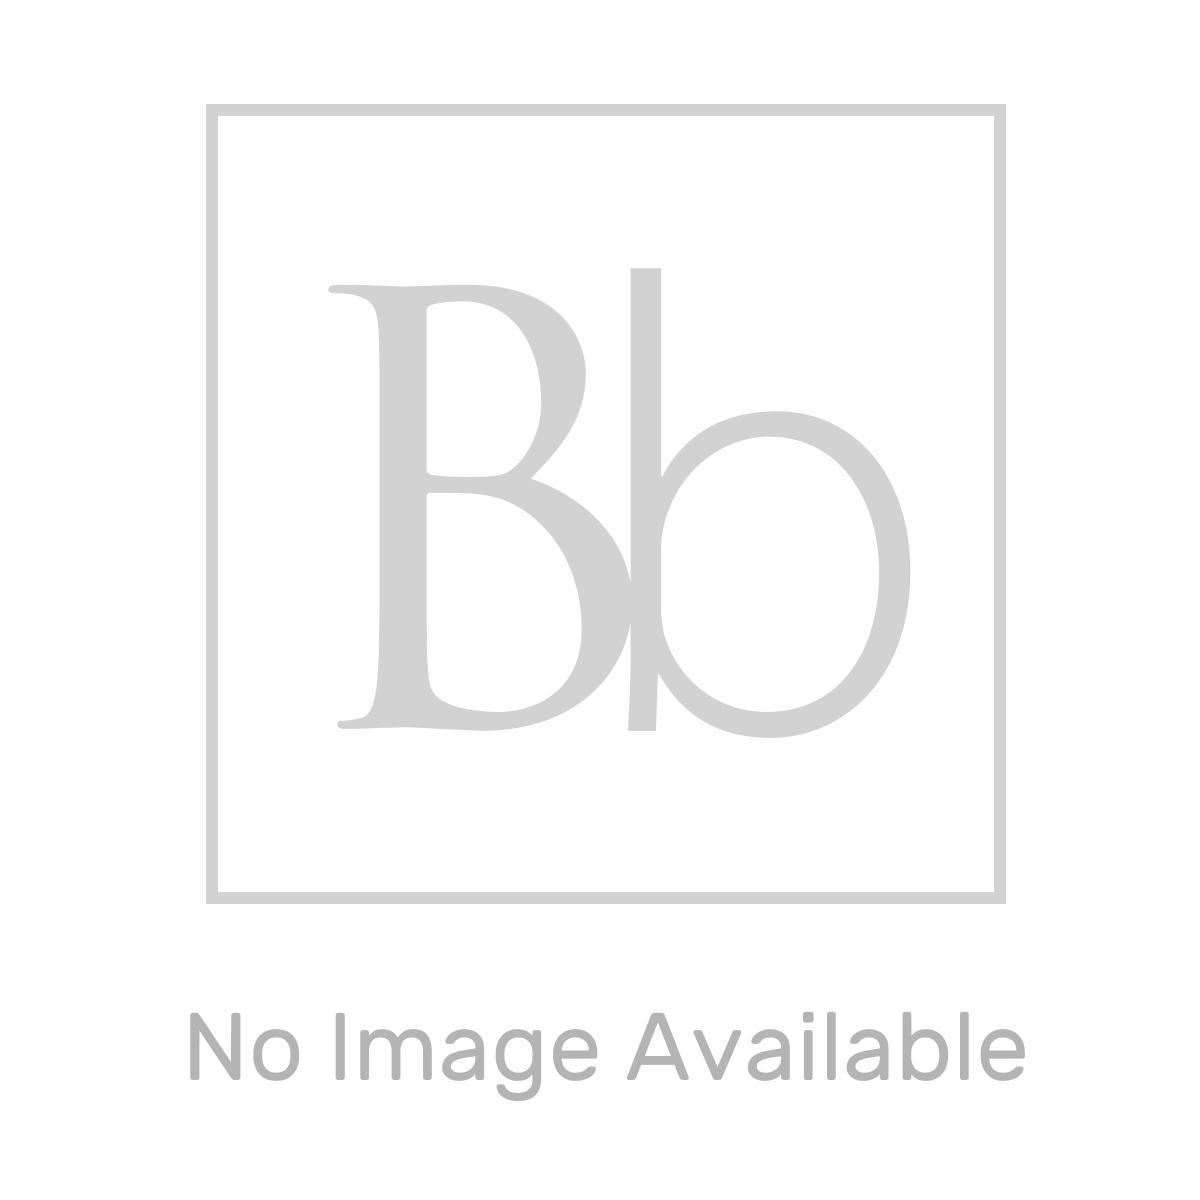 RAK Series 600 Bathroom Suite with Quadrant Shower Enclosure